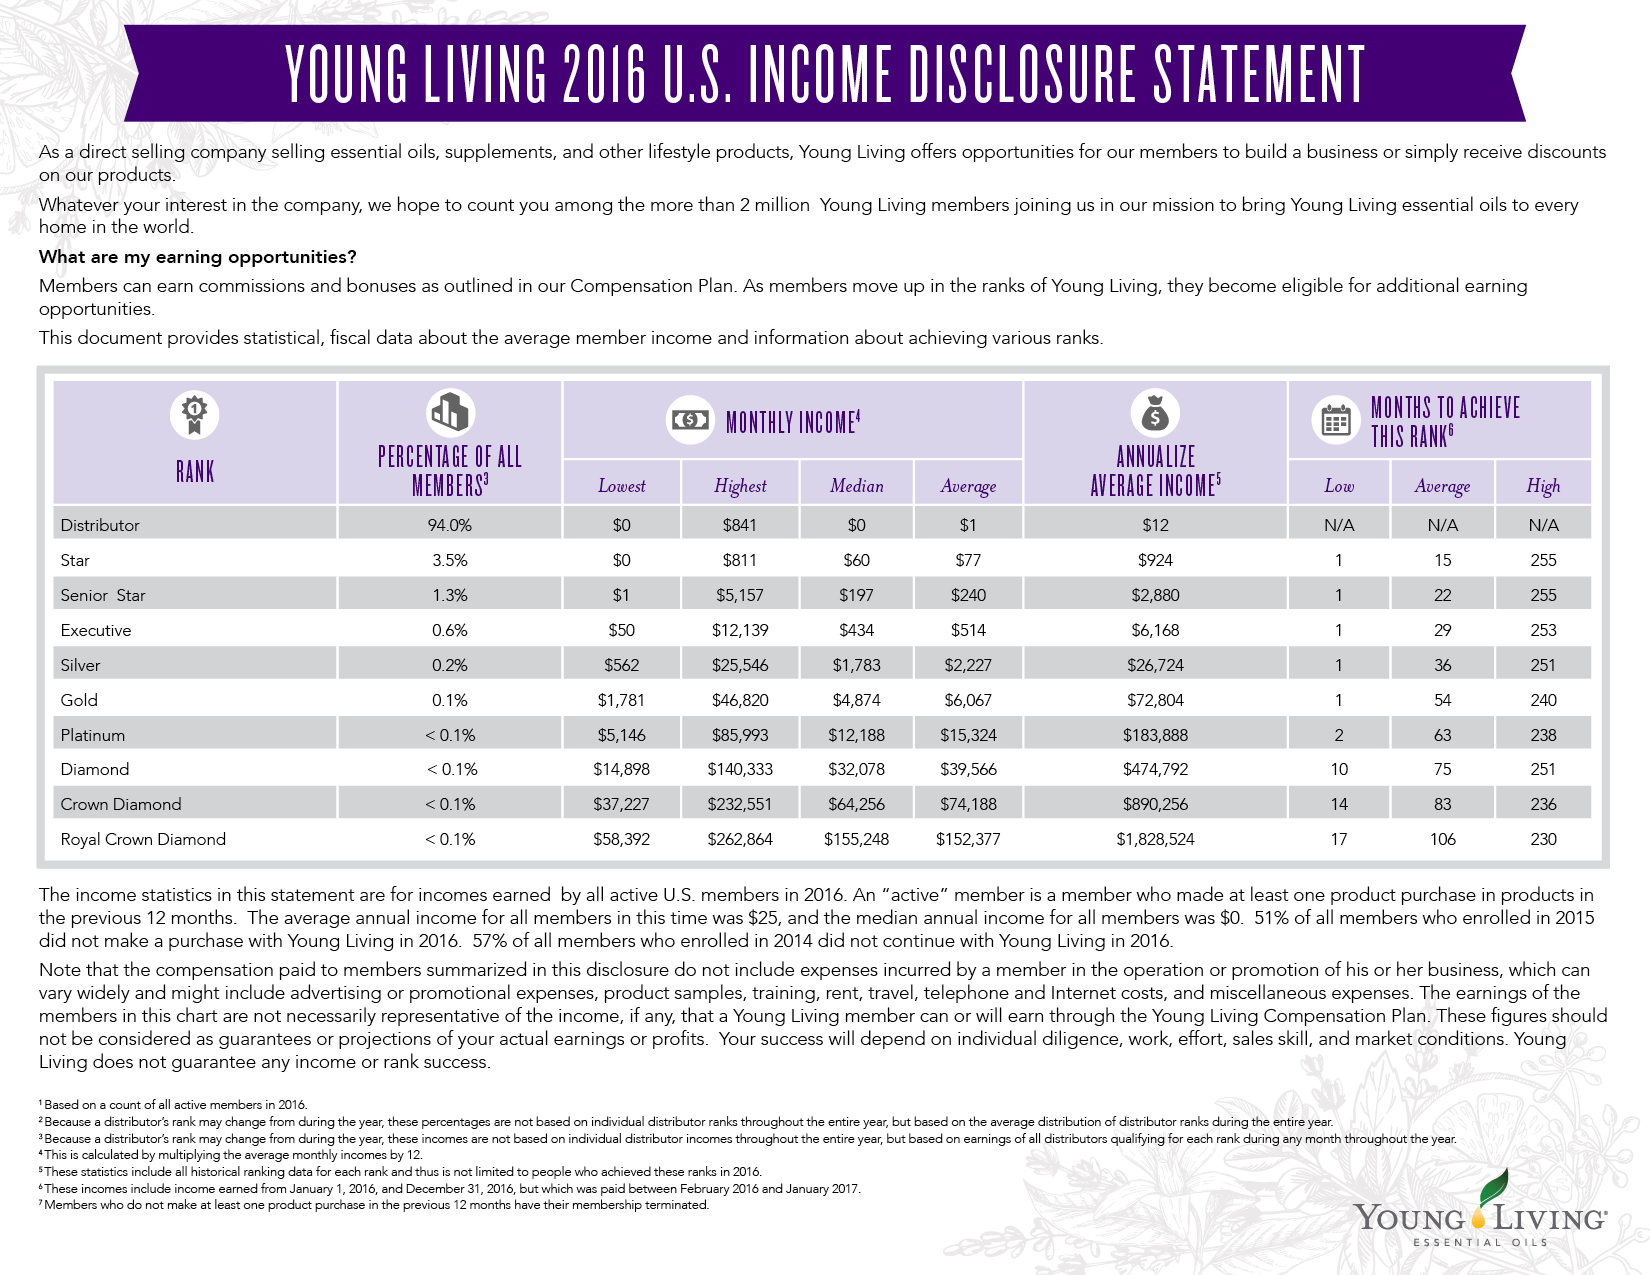 Commission 2016 Income Disclosure